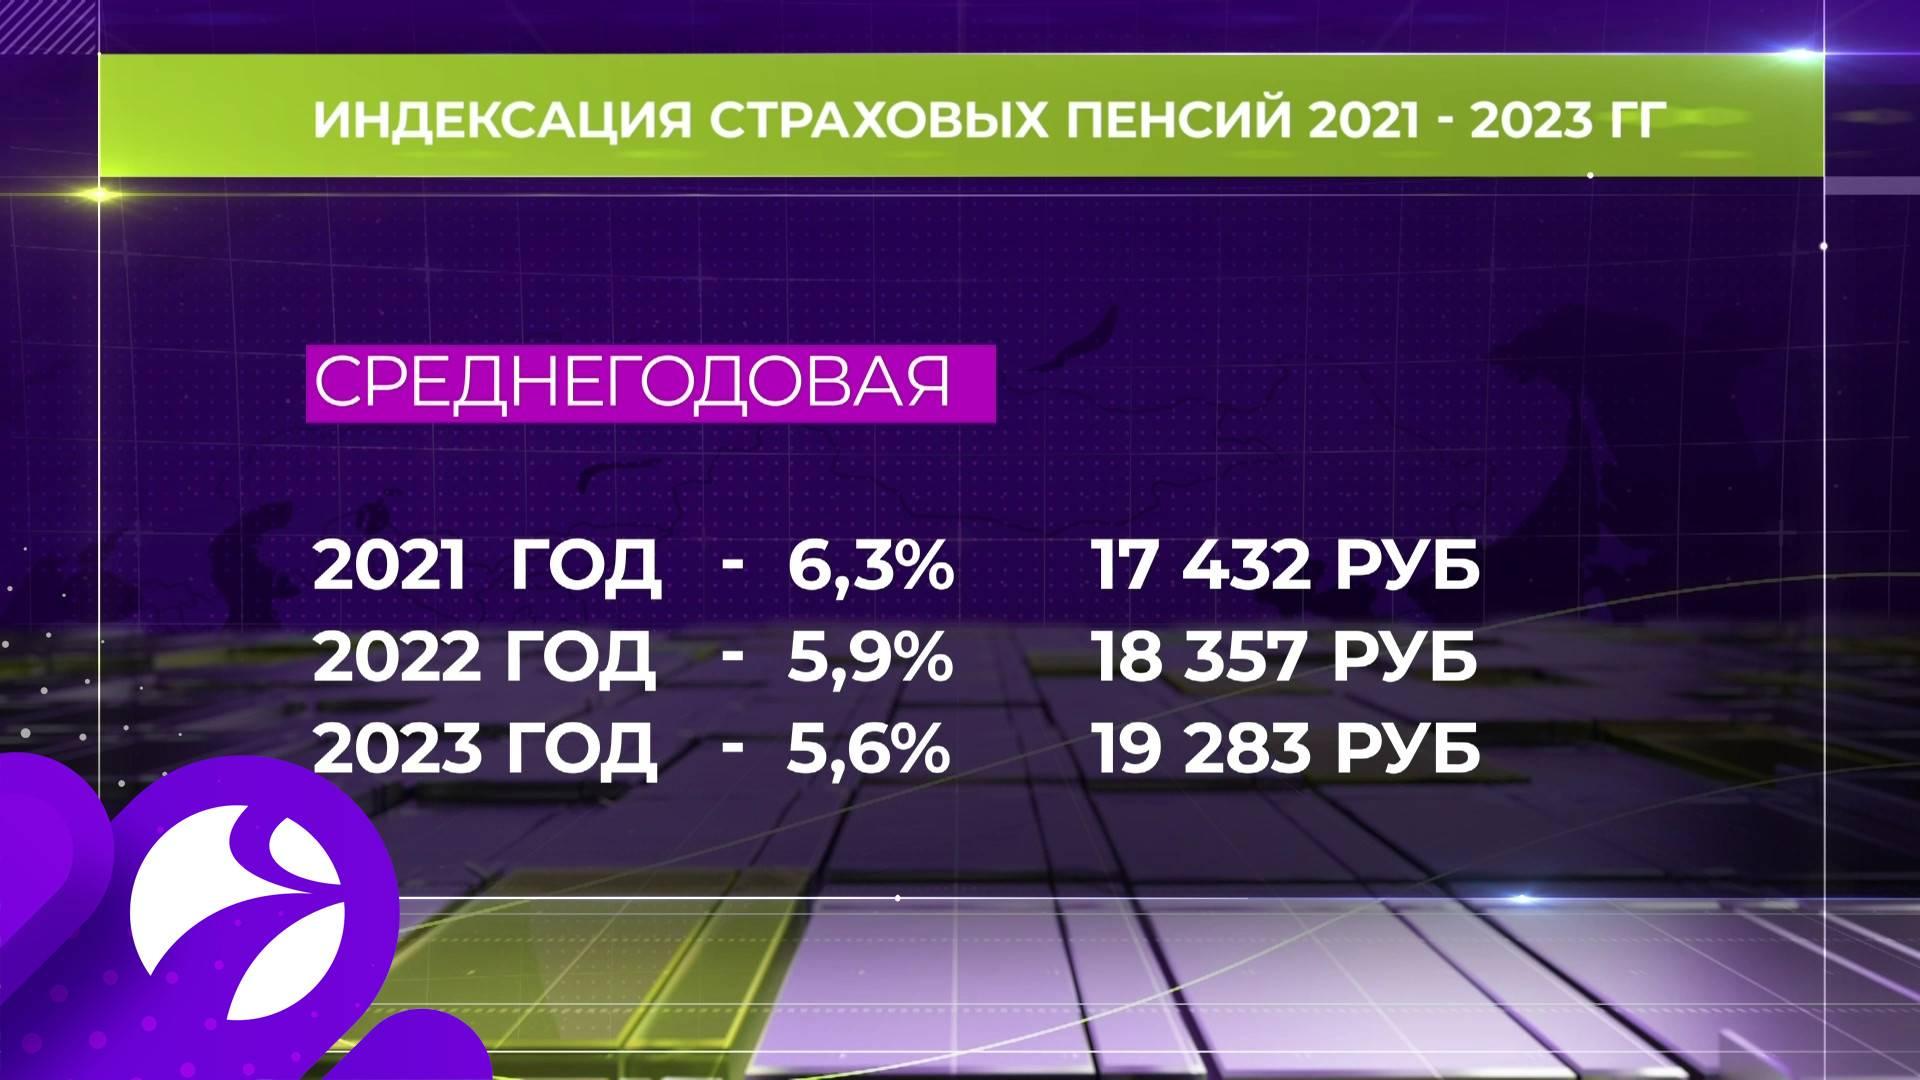 Можно ли прожить в болгарии на пенсию?